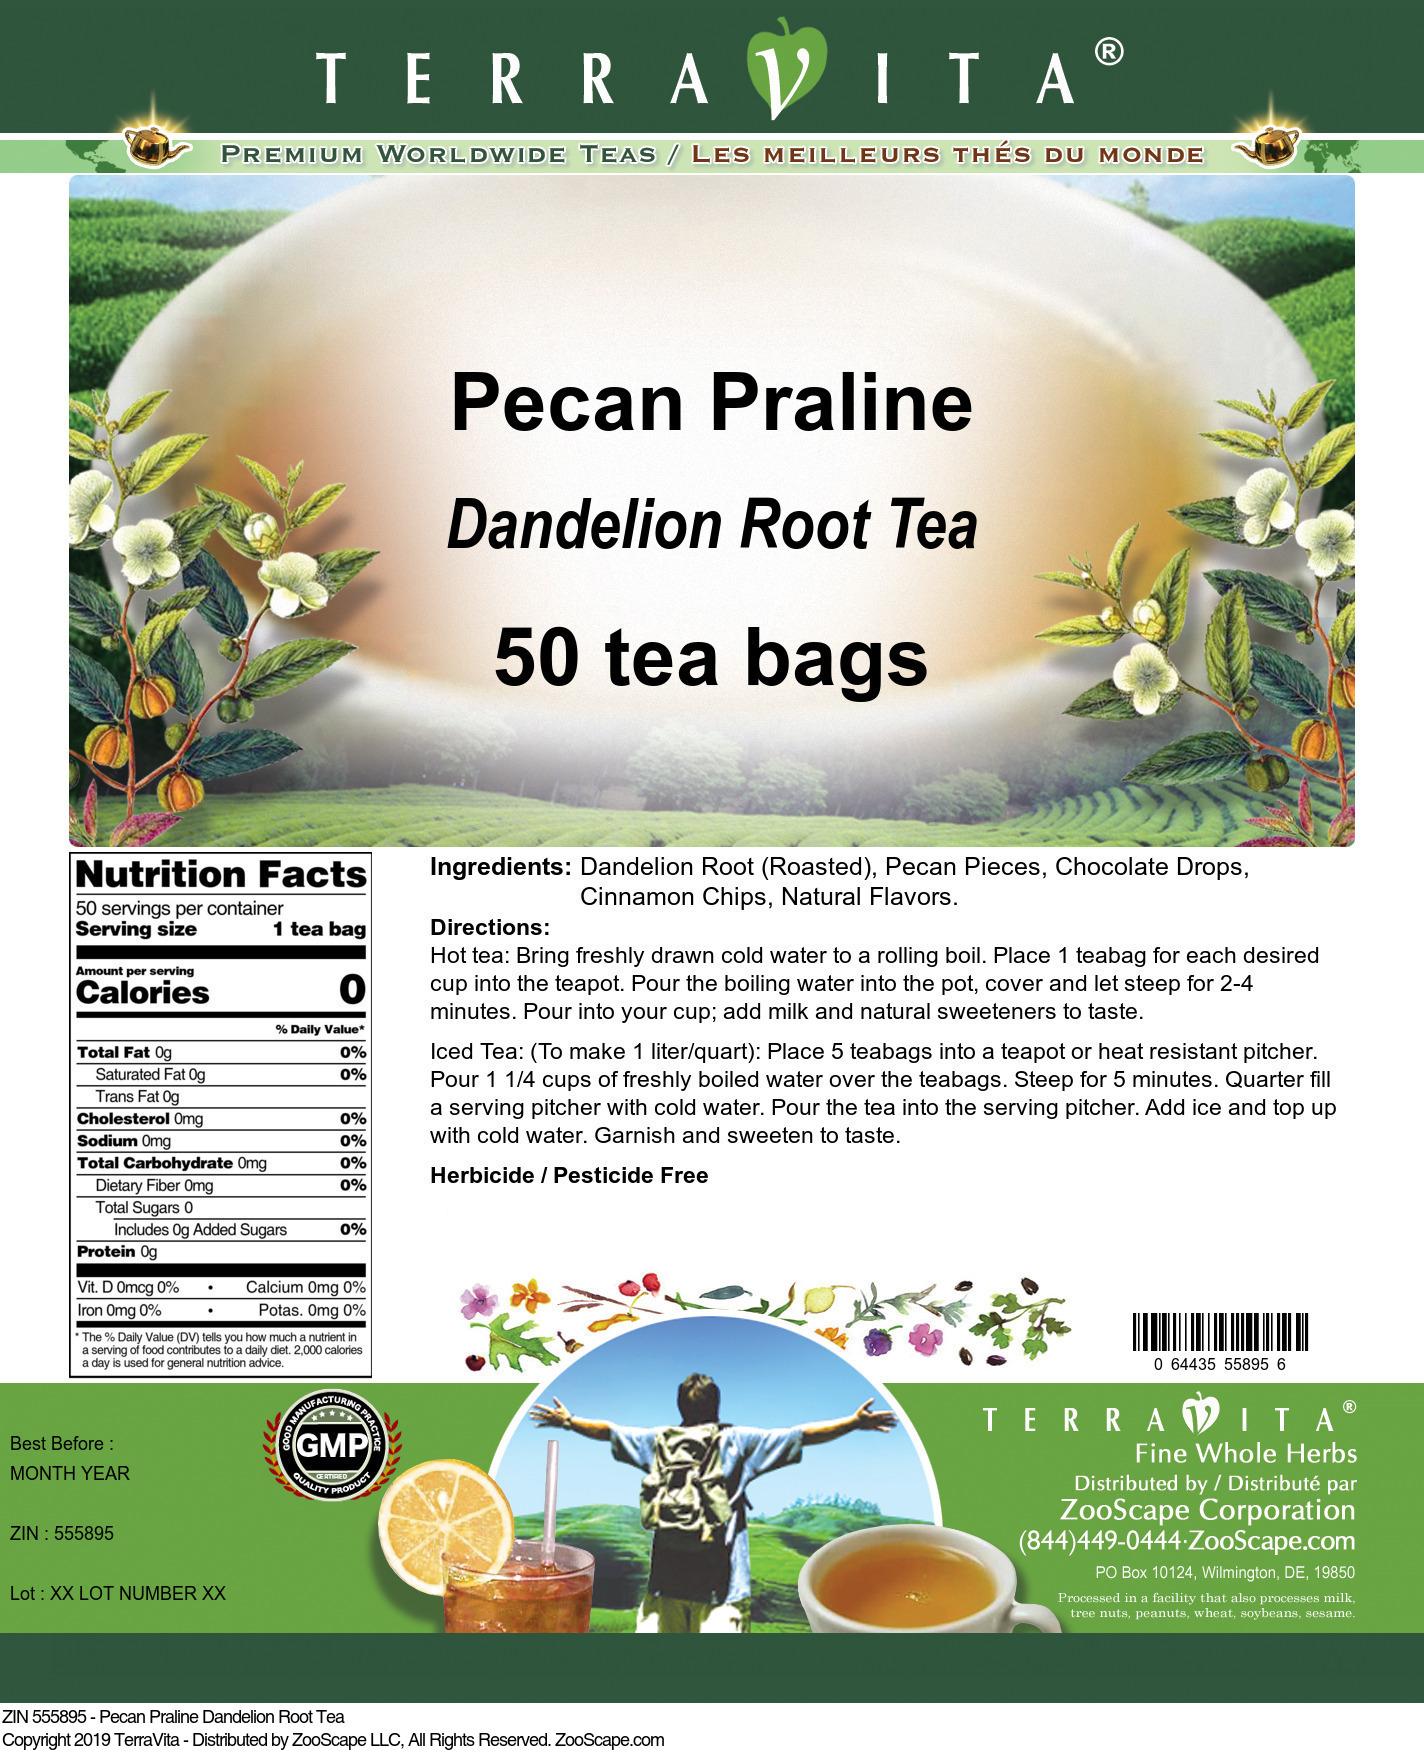 Pecan Praline Dandelion Root